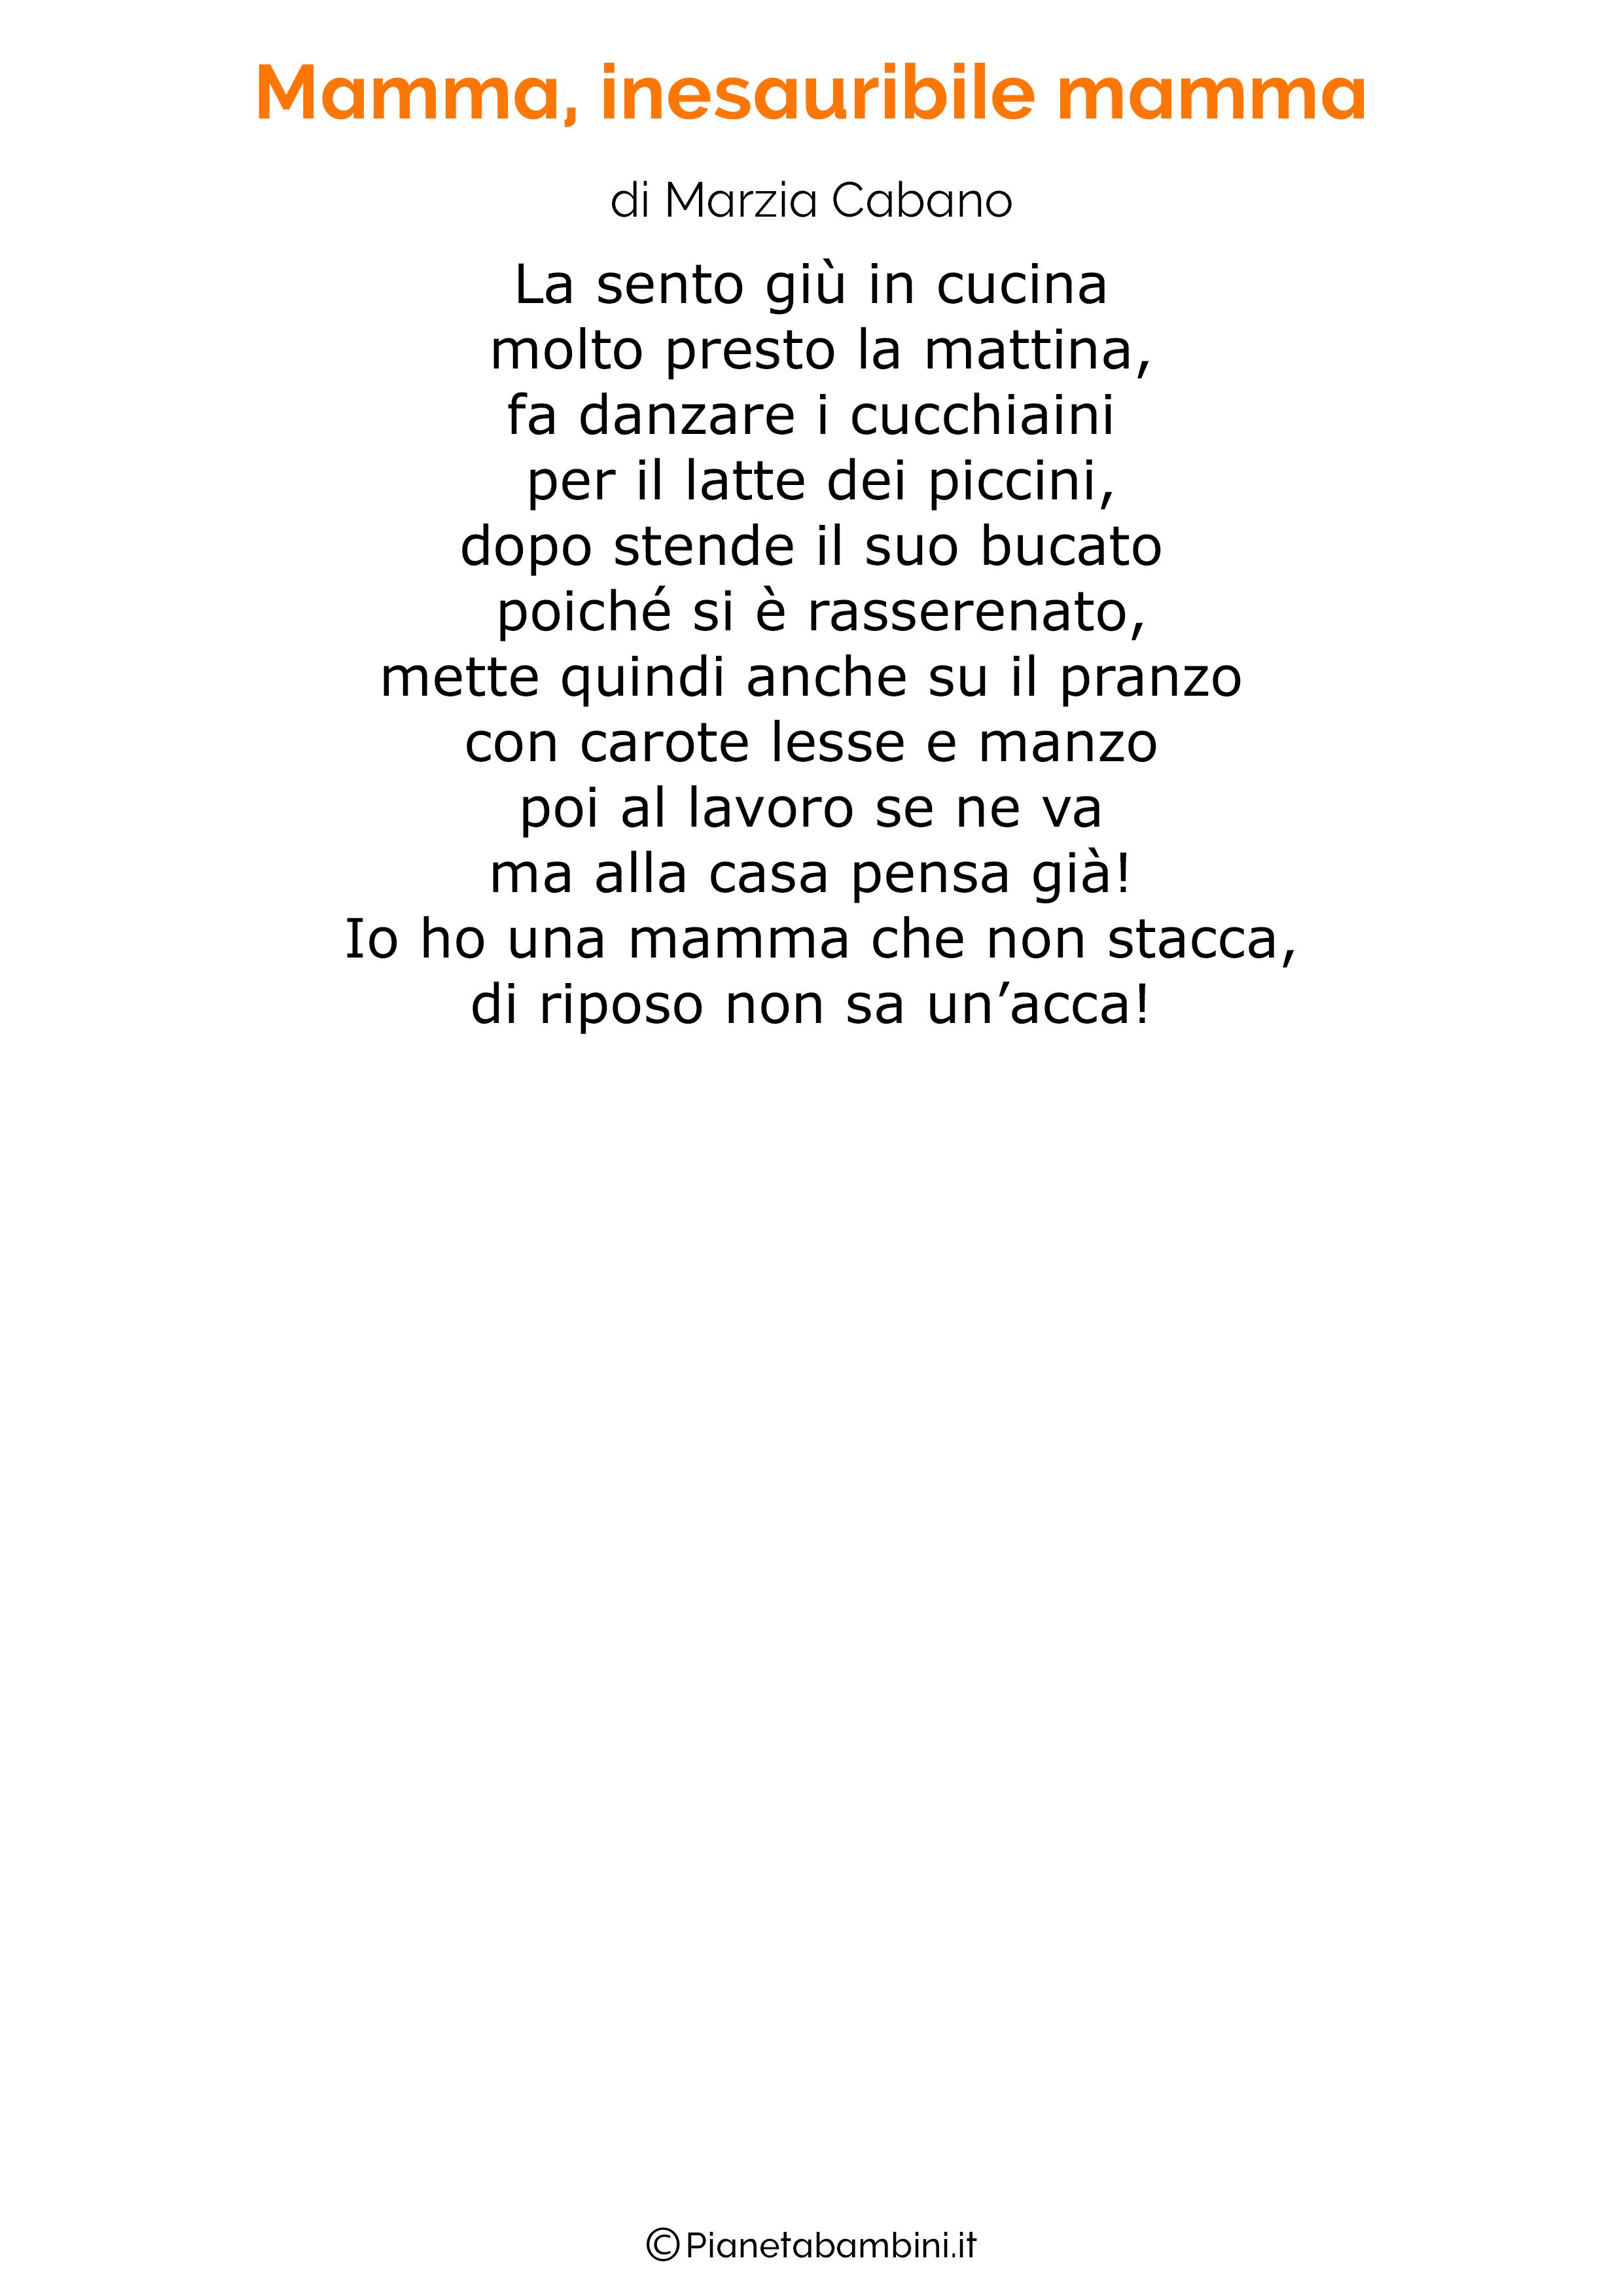 Poesia per la festa della mamma da stampare 31